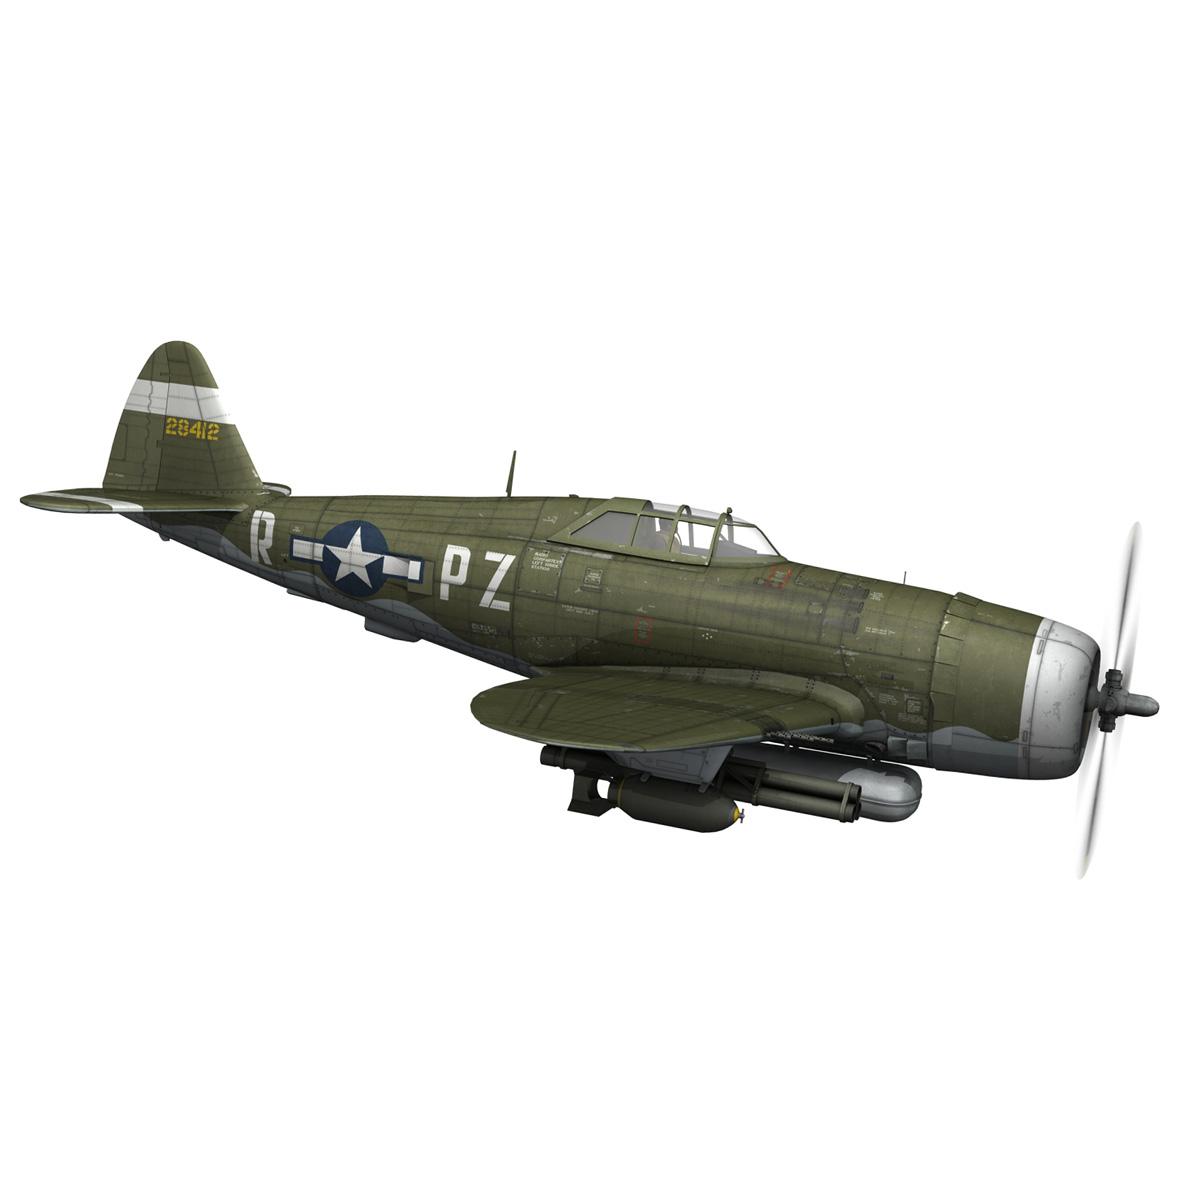 republic p-47d thunderbolt – sweetie – pz-r 3d model 3ds fbx c4d lwo obj 281840